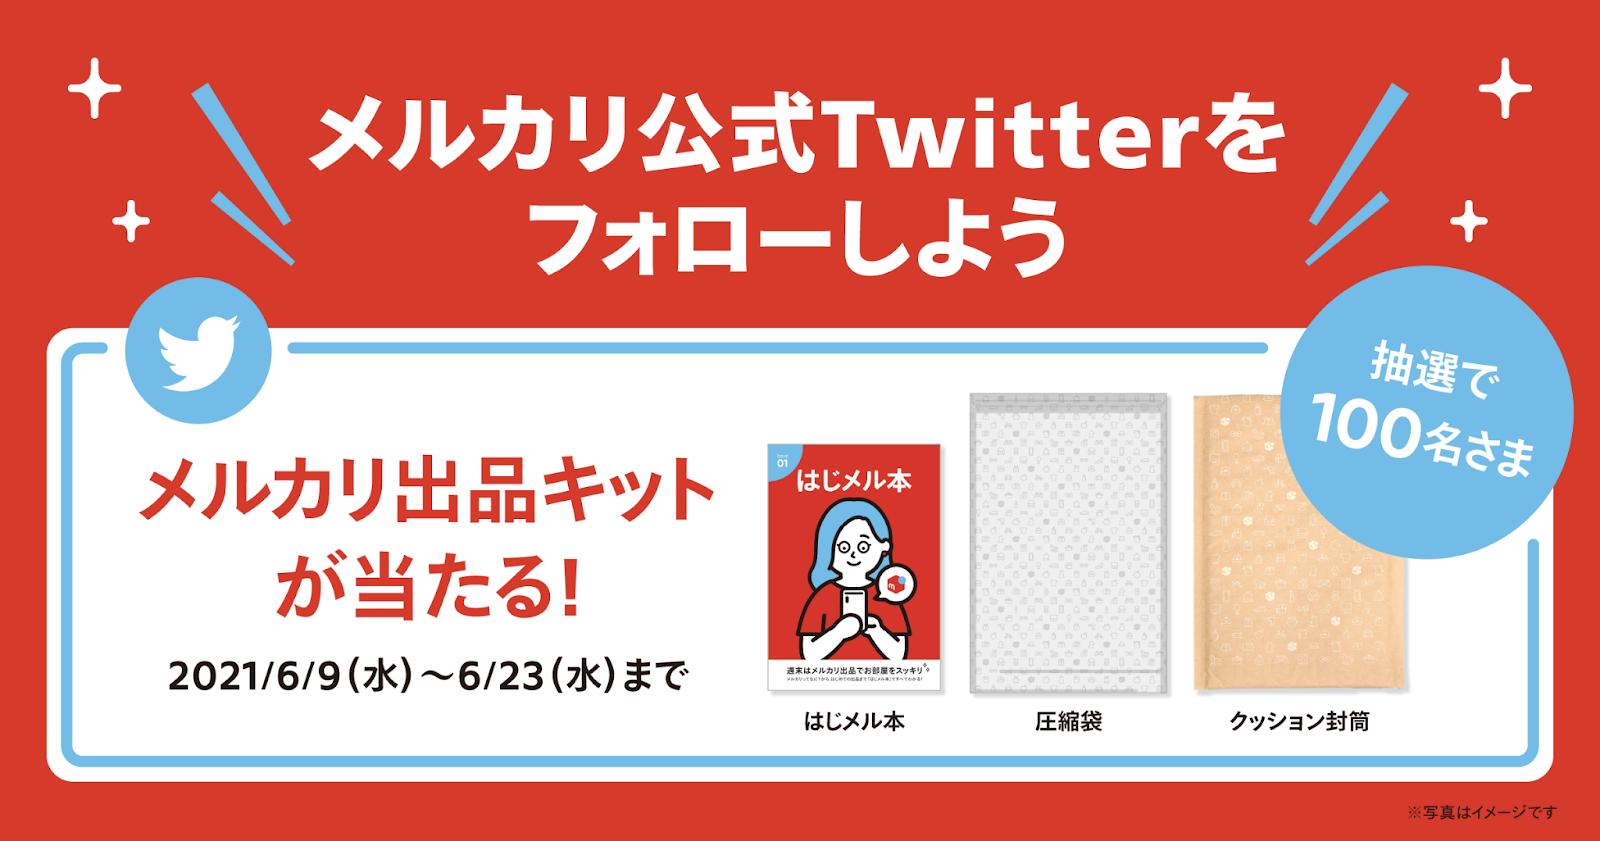 【6/9〜6/23】「メルカリ出品キット」が当たる!メルカリ公式Twitterキャンペーン